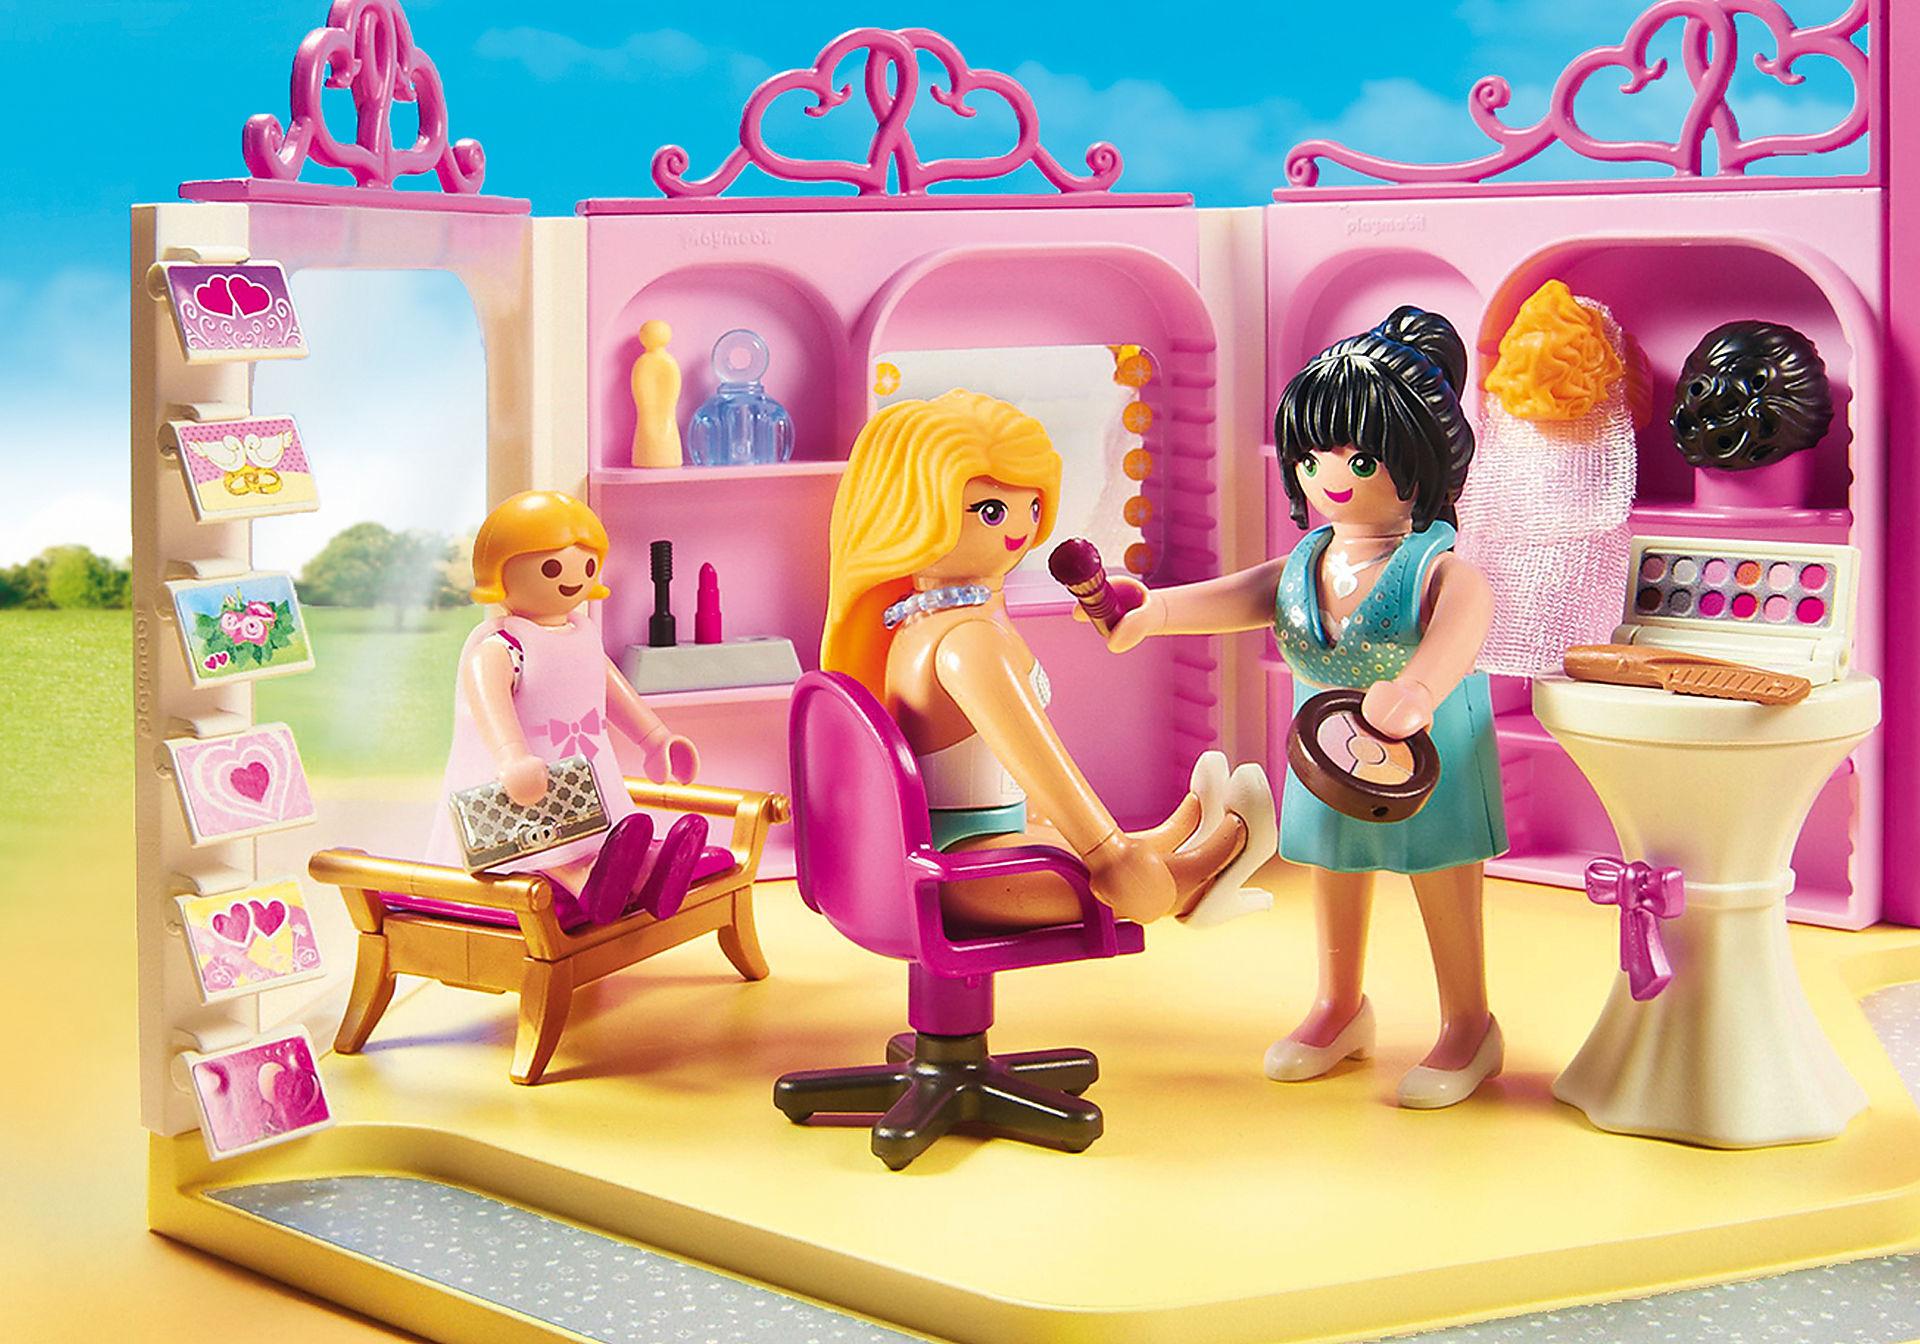 http://media.playmobil.com/i/playmobil/9226_product_extra1/Tienda de Novias